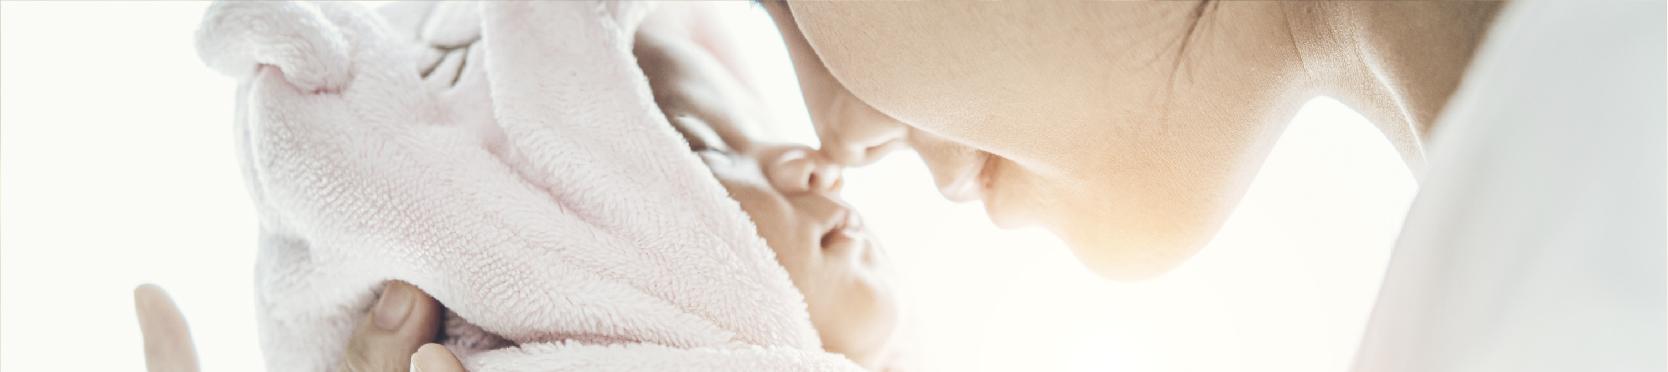 母婴产品it_cn